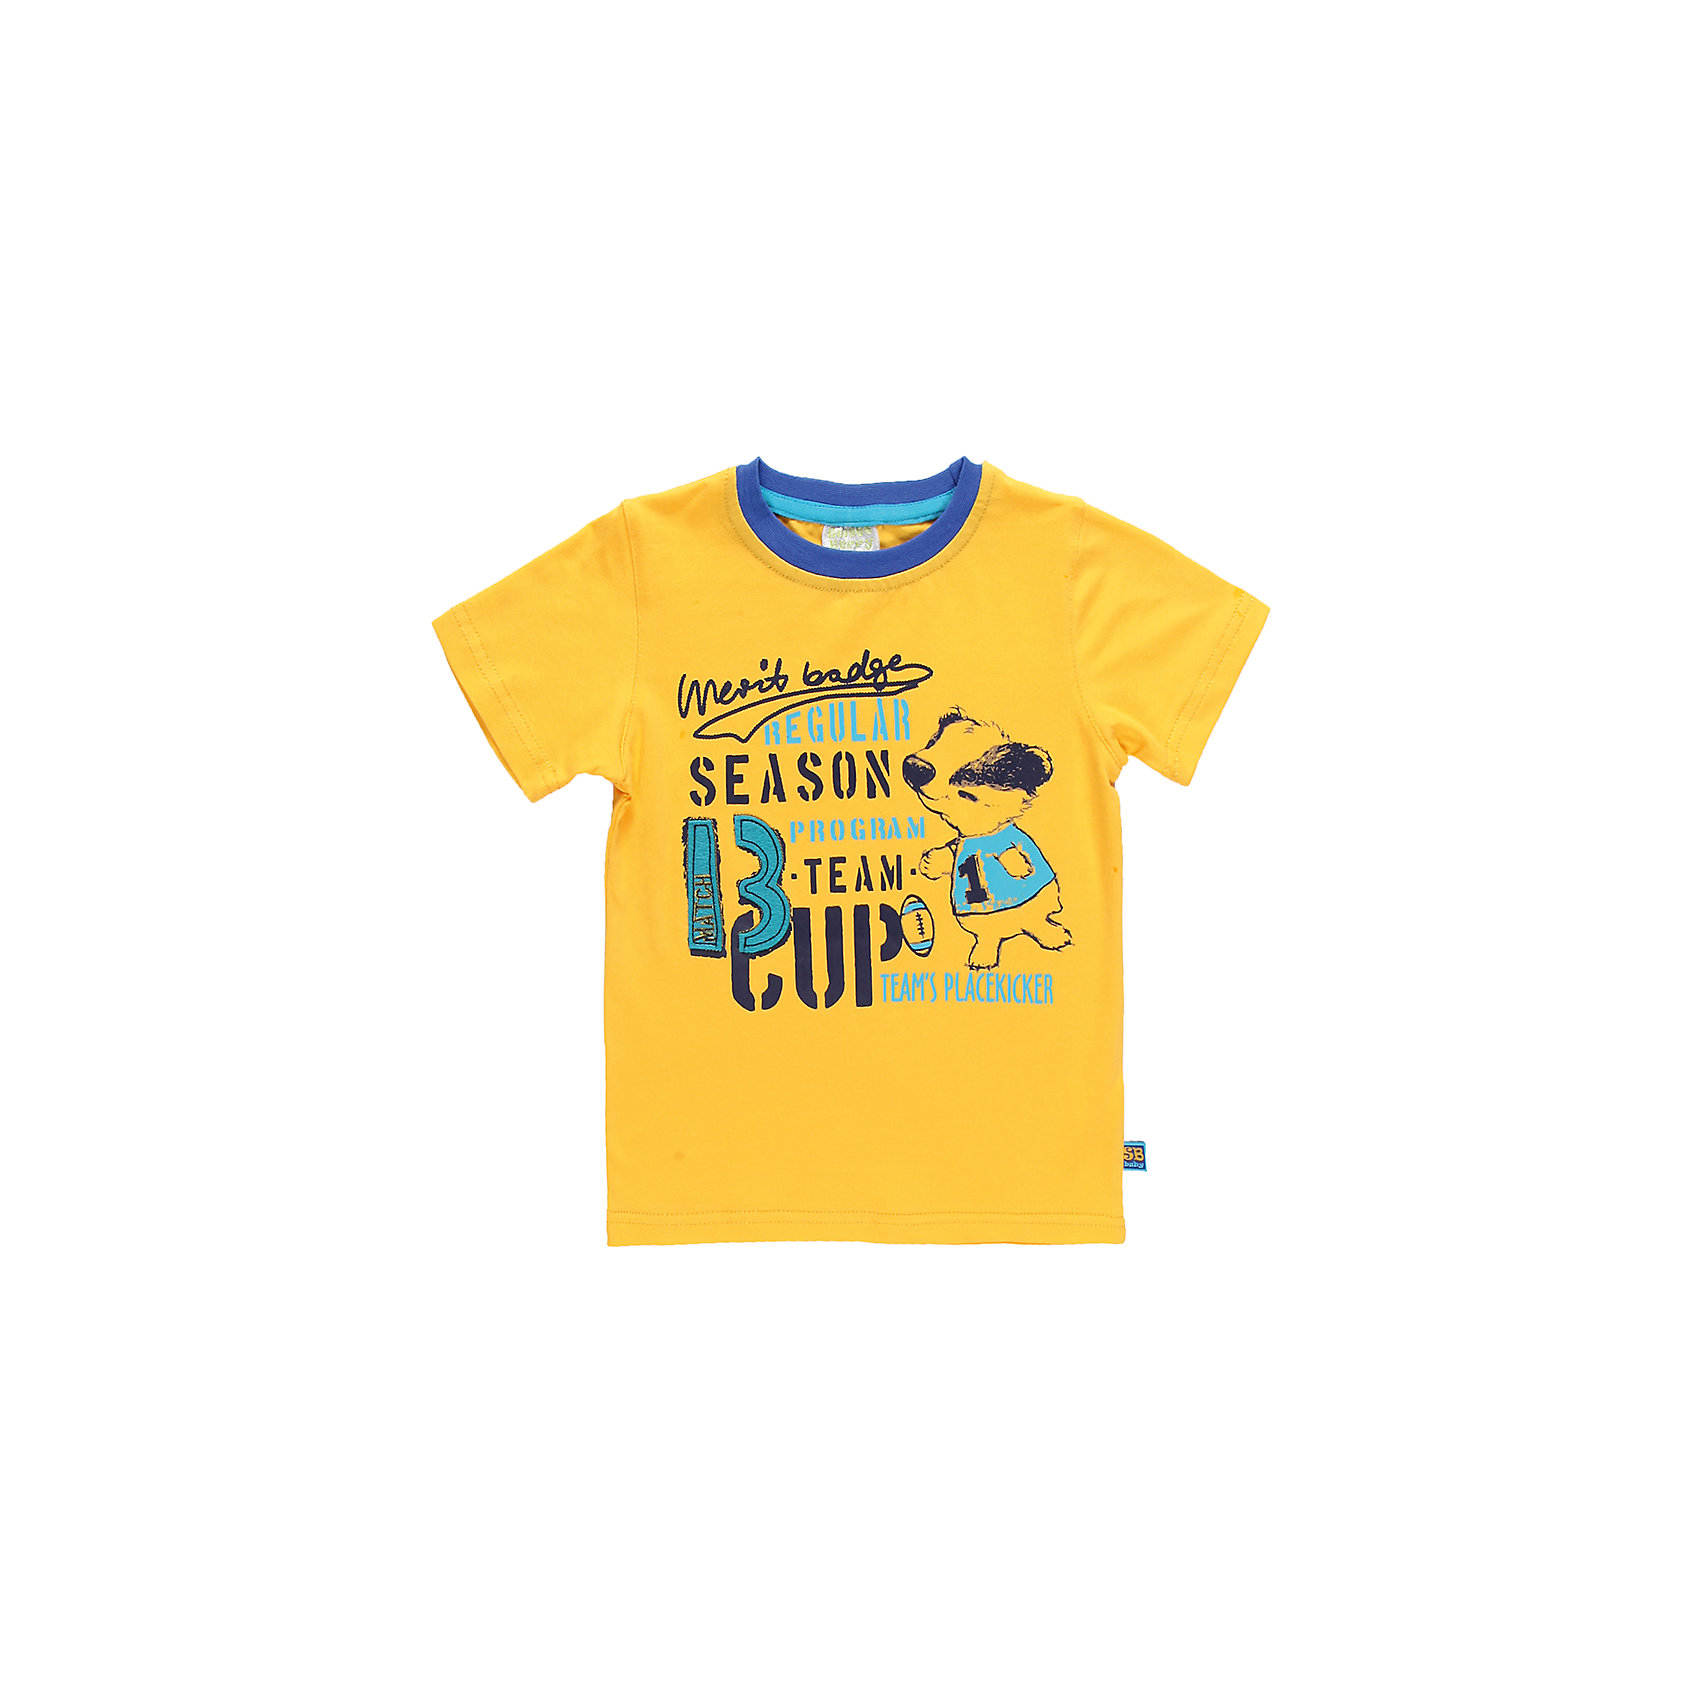 Футболка для мальчика Sweet BerryЛетняя футболка для мальчика. Горловина из эластичной трикотажной резинки контрастного цвета. Футболка украшена ярким принтом и аппликацией.<br>Состав:<br>95% хлопок 5% эластан<br><br>Ширина мм: 199<br>Глубина мм: 10<br>Высота мм: 161<br>Вес г: 151<br>Цвет: желтый<br>Возраст от месяцев: 9<br>Возраст до месяцев: 12<br>Пол: Мужской<br>Возраст: Детский<br>Размер: 80,86,92,98<br>SKU: 4522104